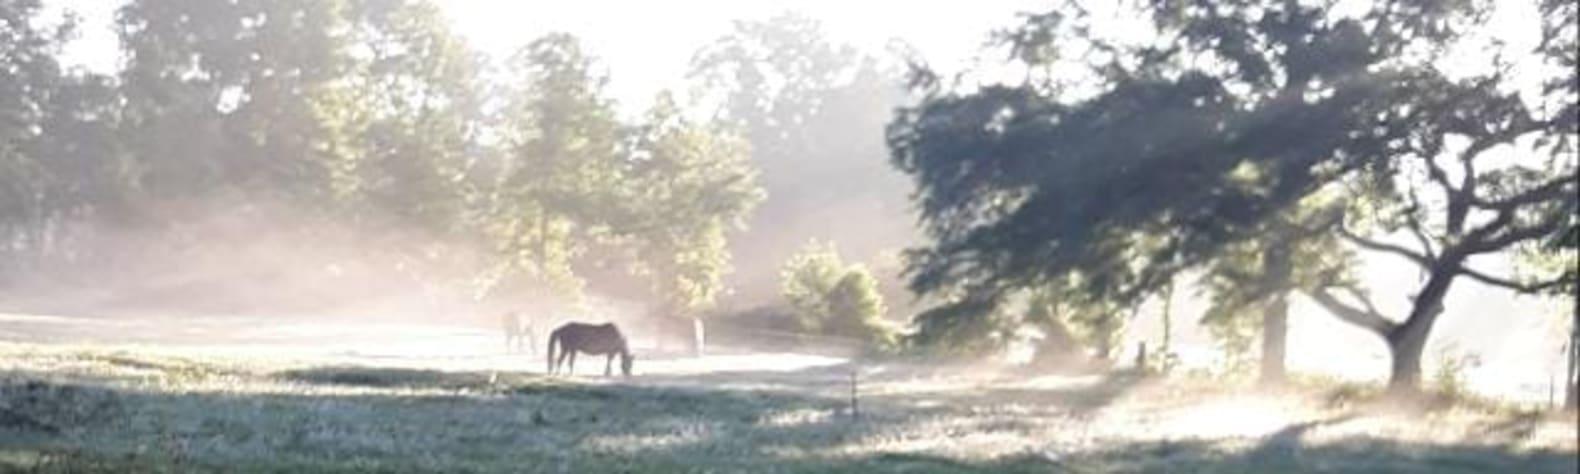 North FL Equestrian Short Stay